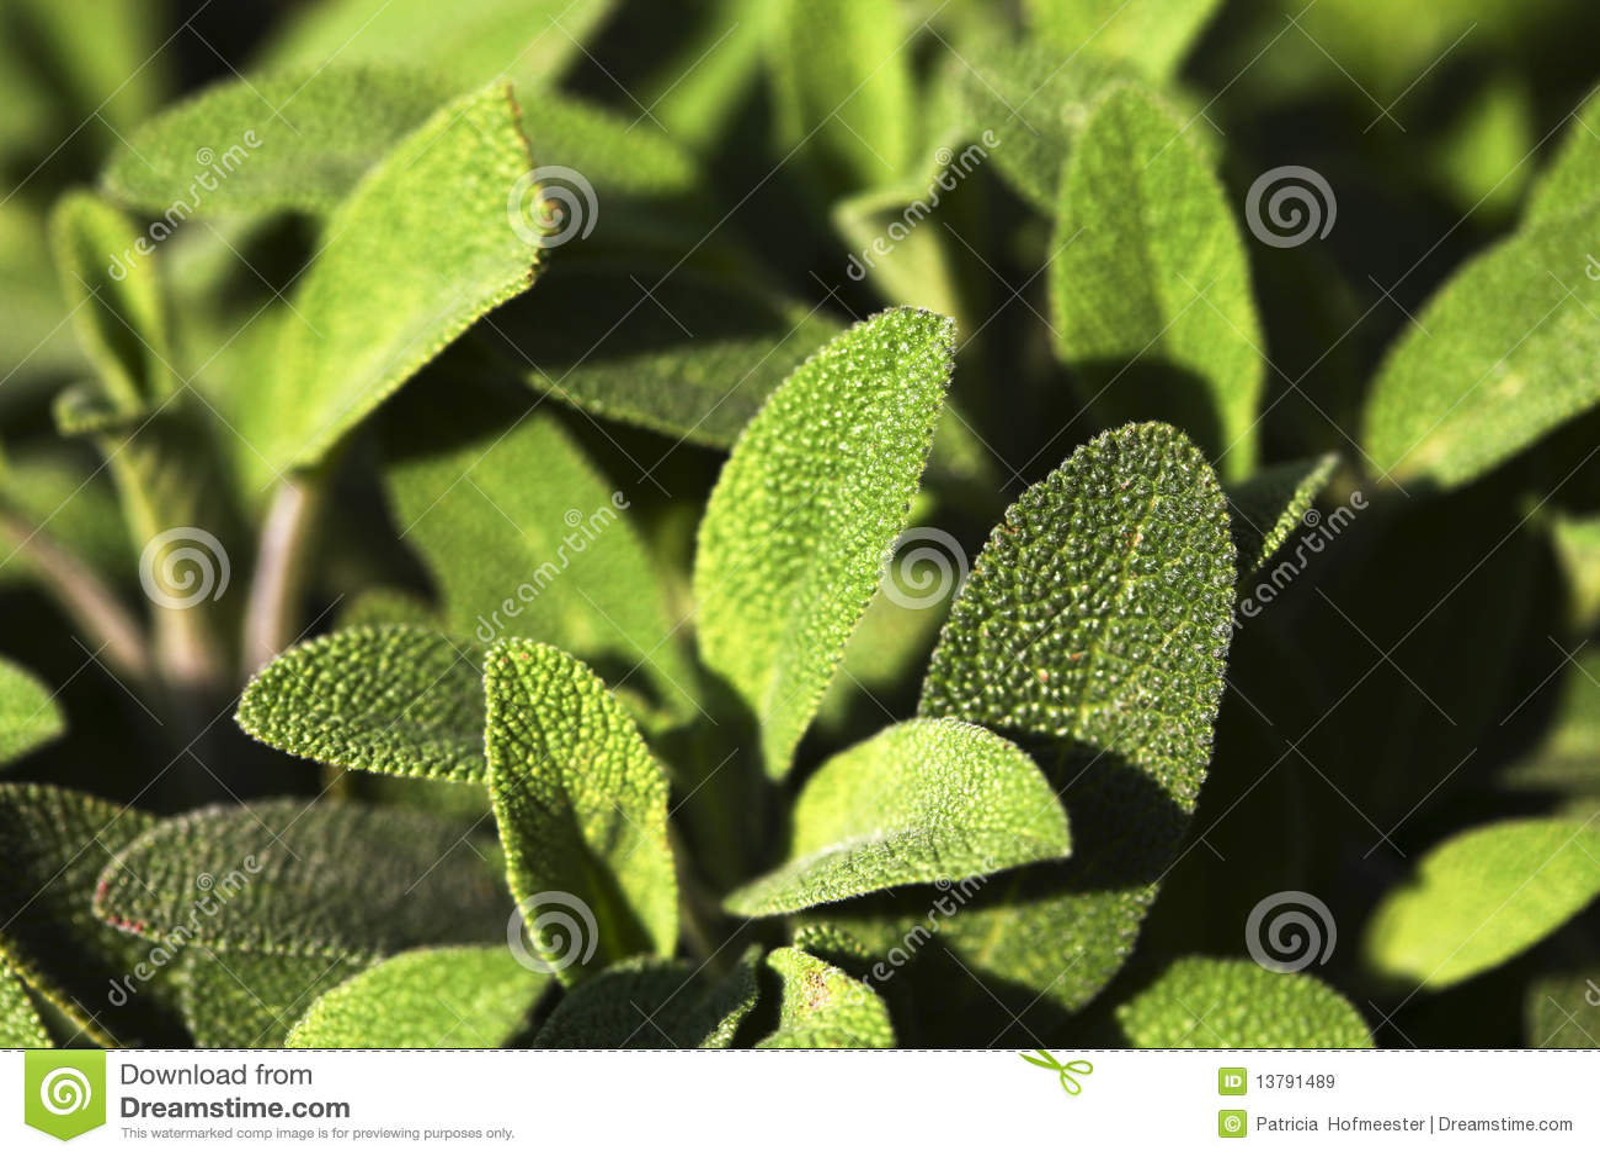 Mooie groene salie